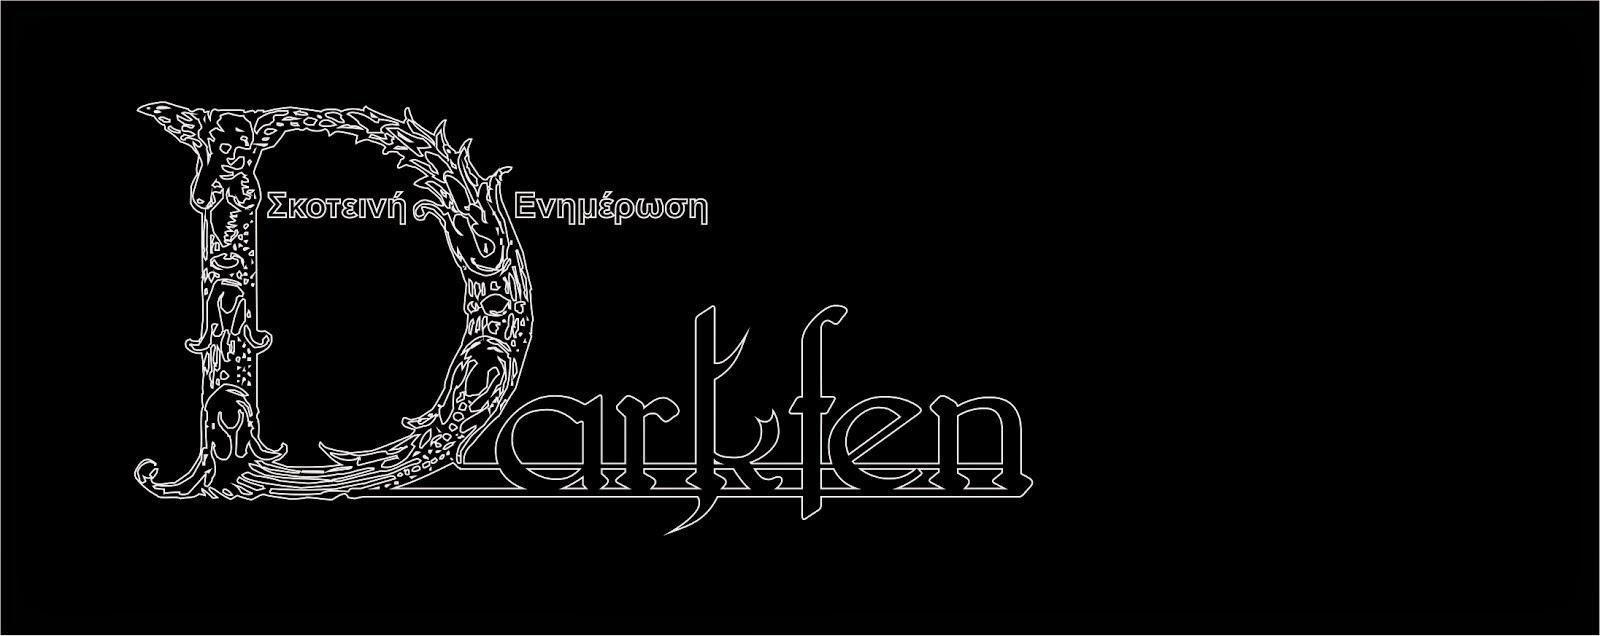 Darkfen